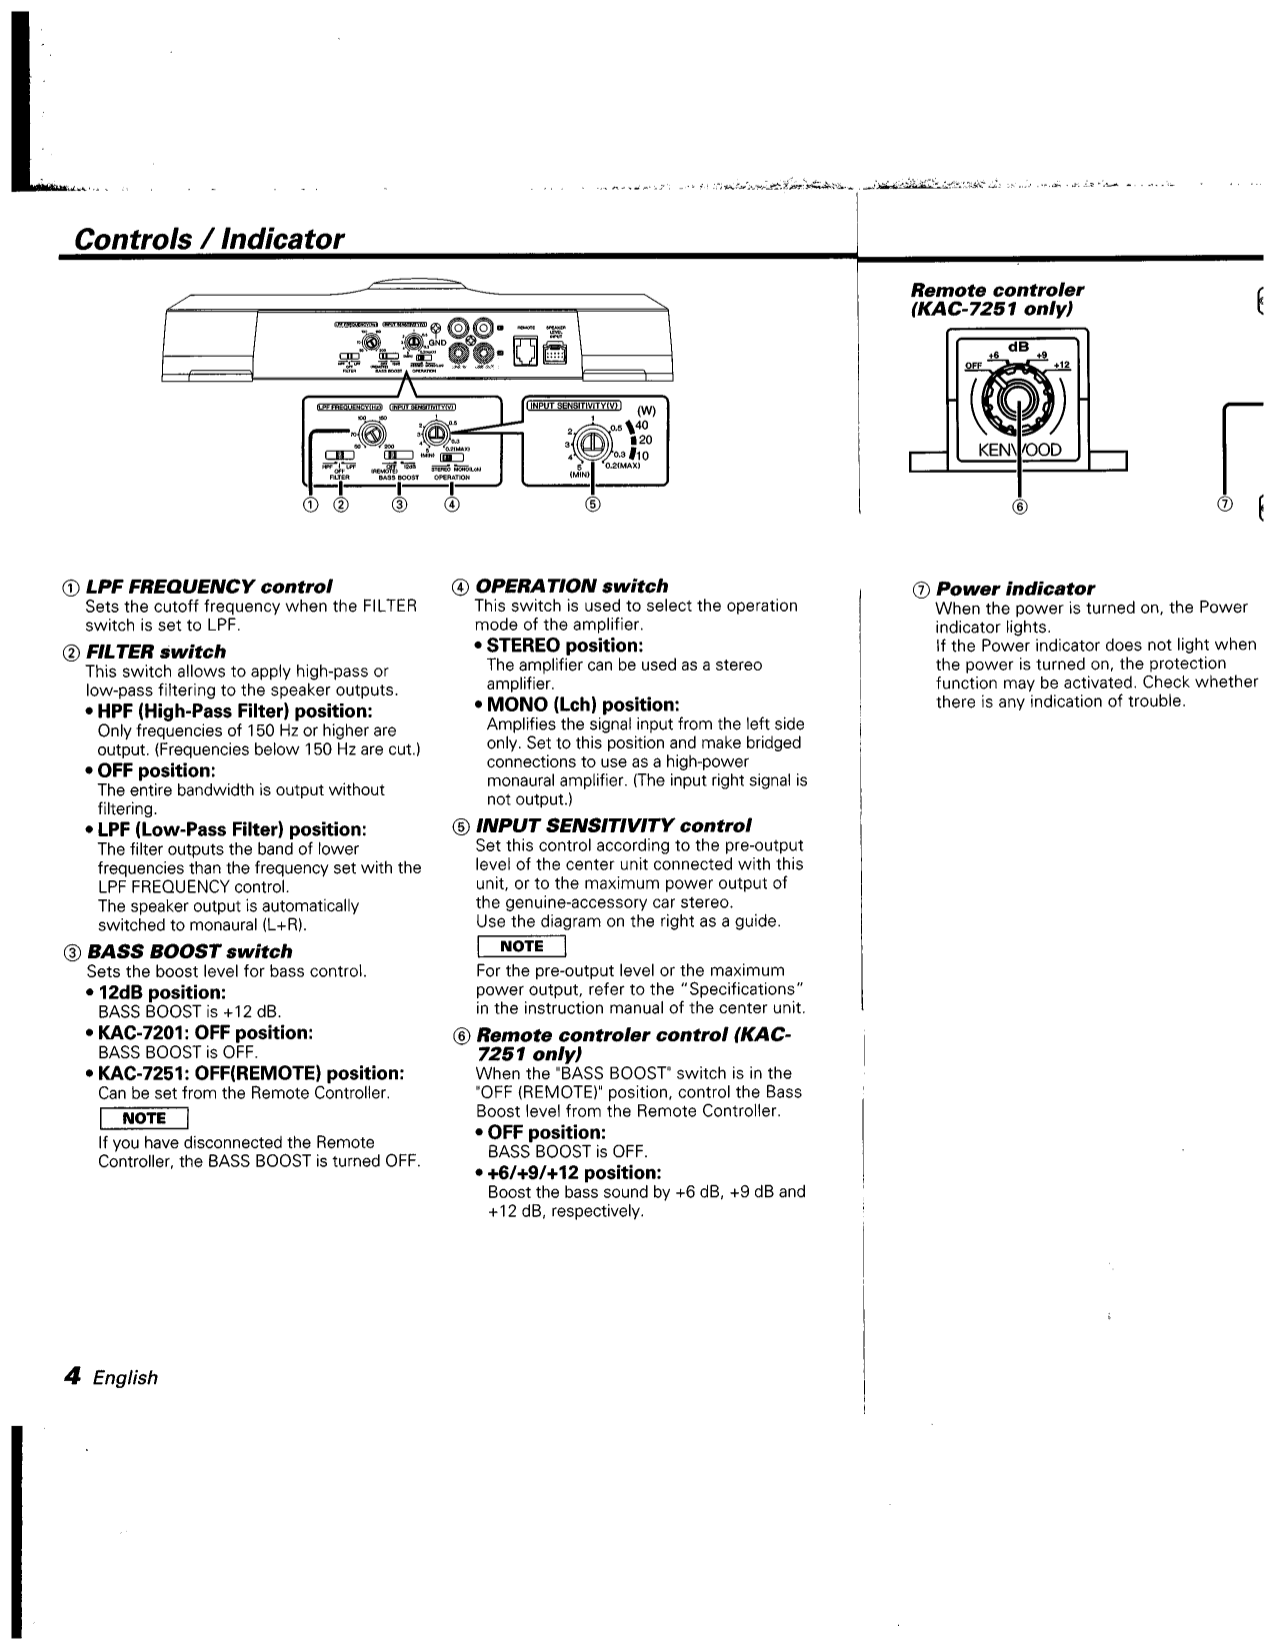 pdf manual for kenwood car amplifier kac 7201 rh umlib com 800 Watt Kenwood Amp Kenwood KAC 606